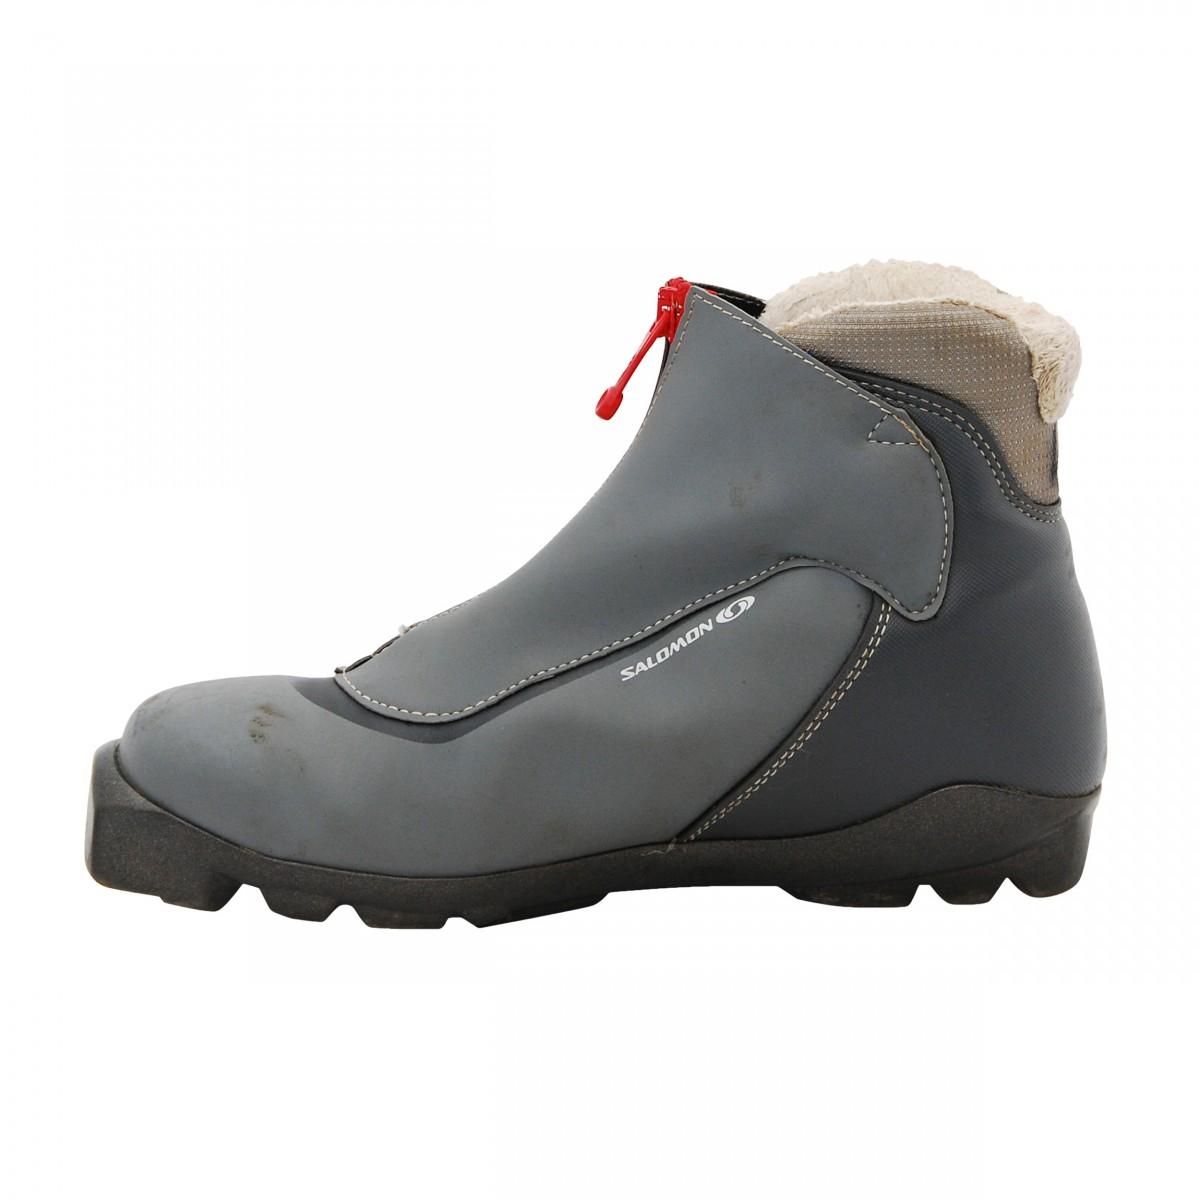 Salomon Siam 5 SNS Boot